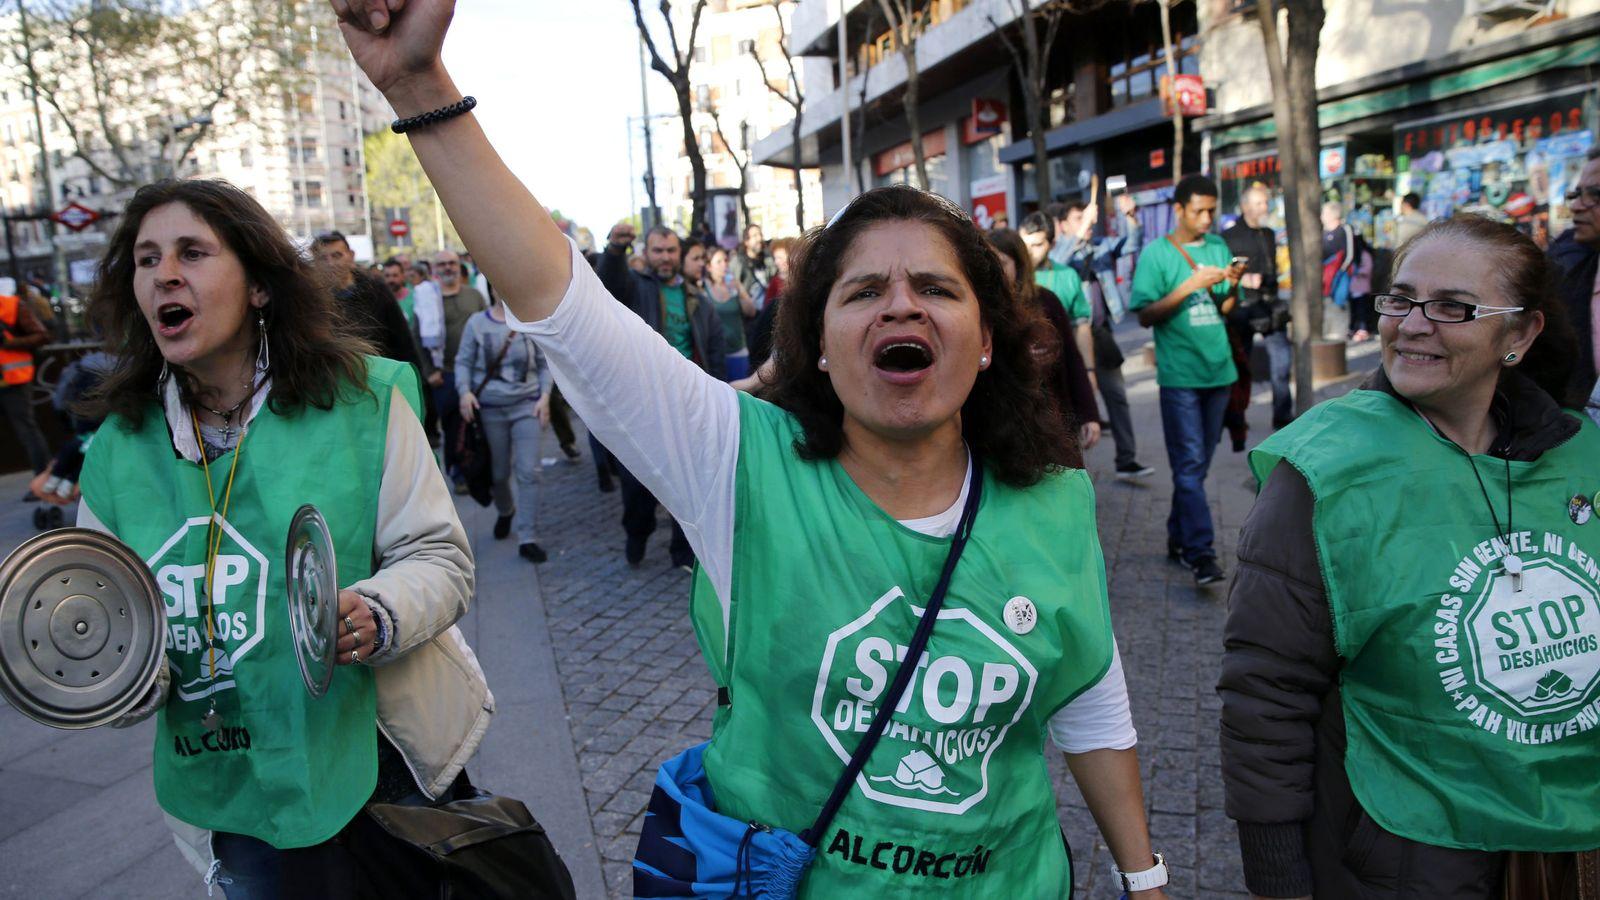 Foto: Varias mujeres durante una cacerolada convocada por la Plataforma de Afectados por la Hipoteca (PAH). Foto: EFE